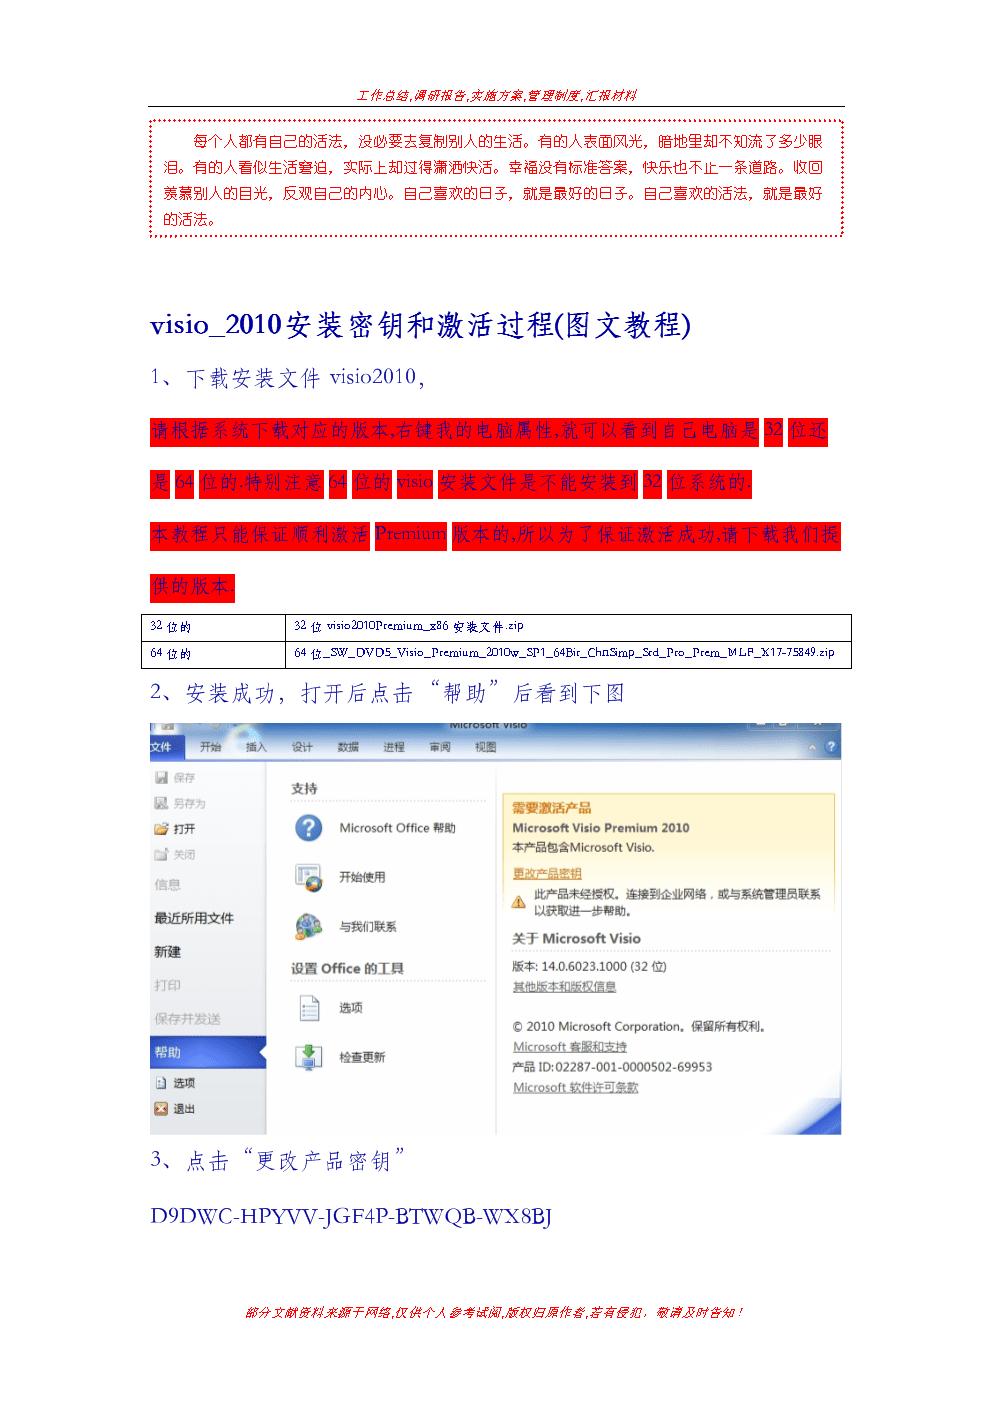 visio_2010安装密钥和激活过程(图文教程).doc